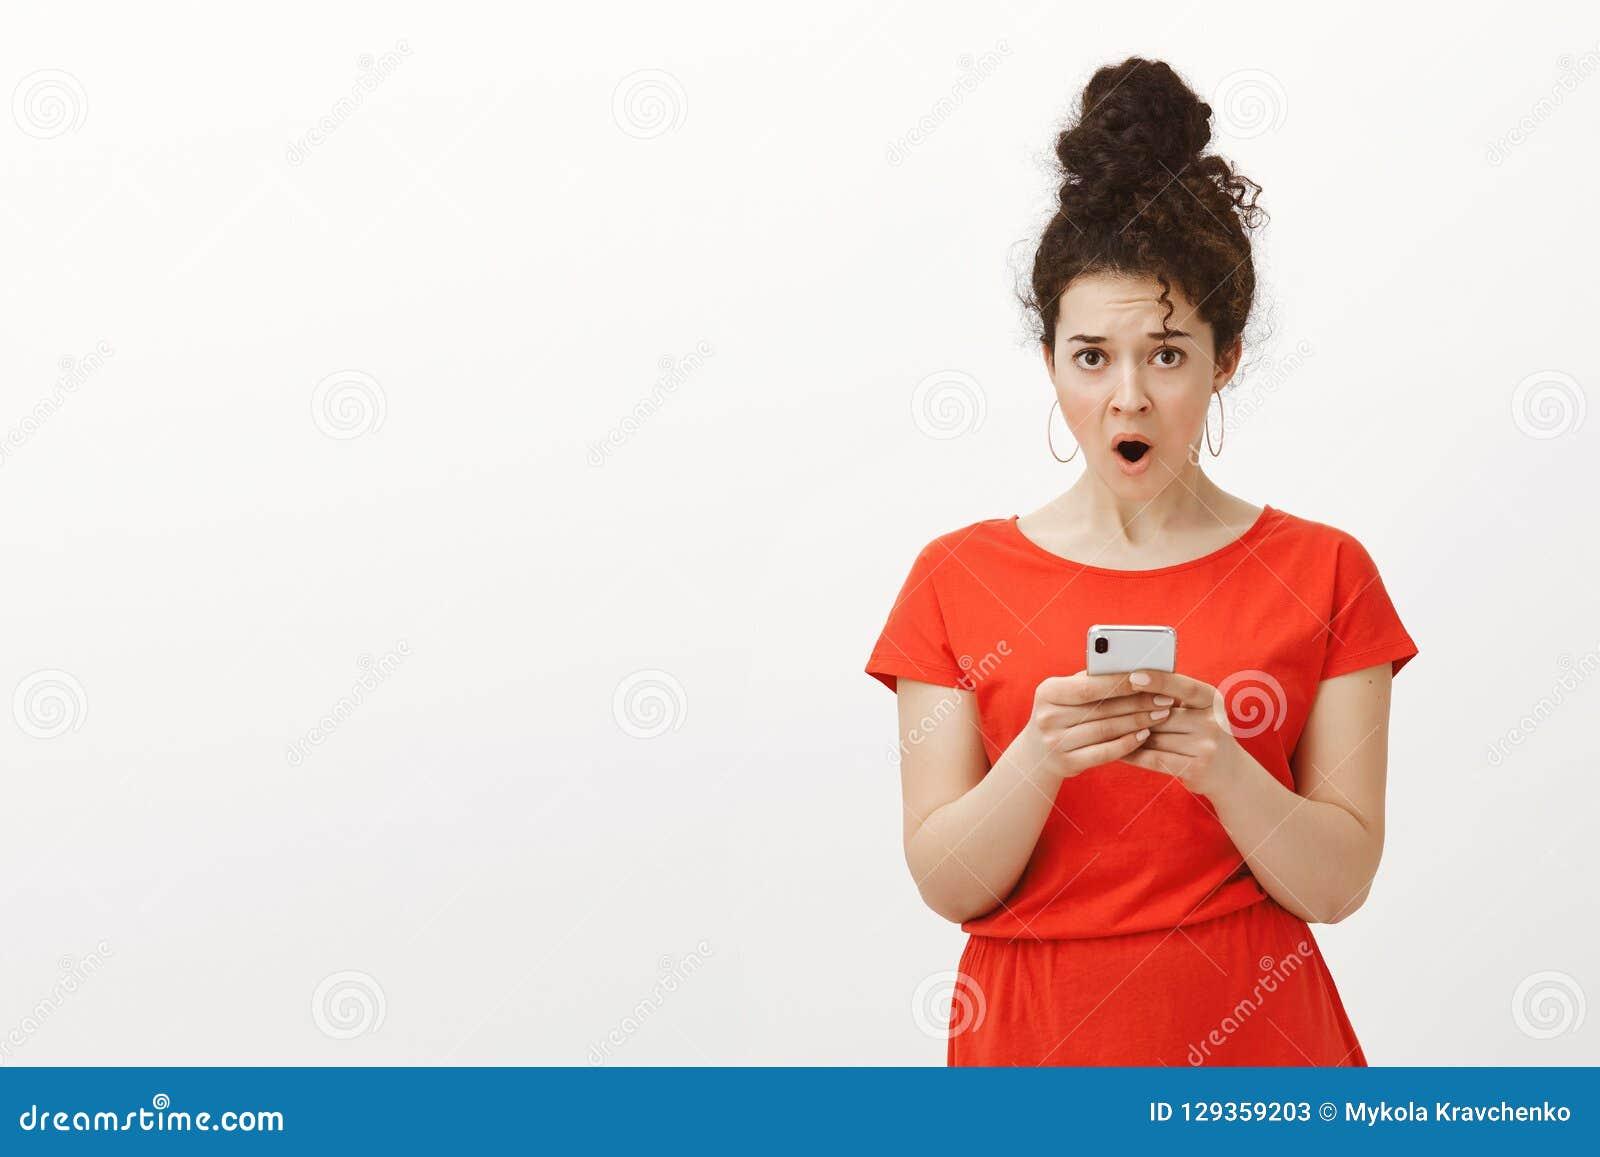 写这则消息的Wtf 震惊生气的迷人的女性女孩画象红色礼服的,滴下的下颌从